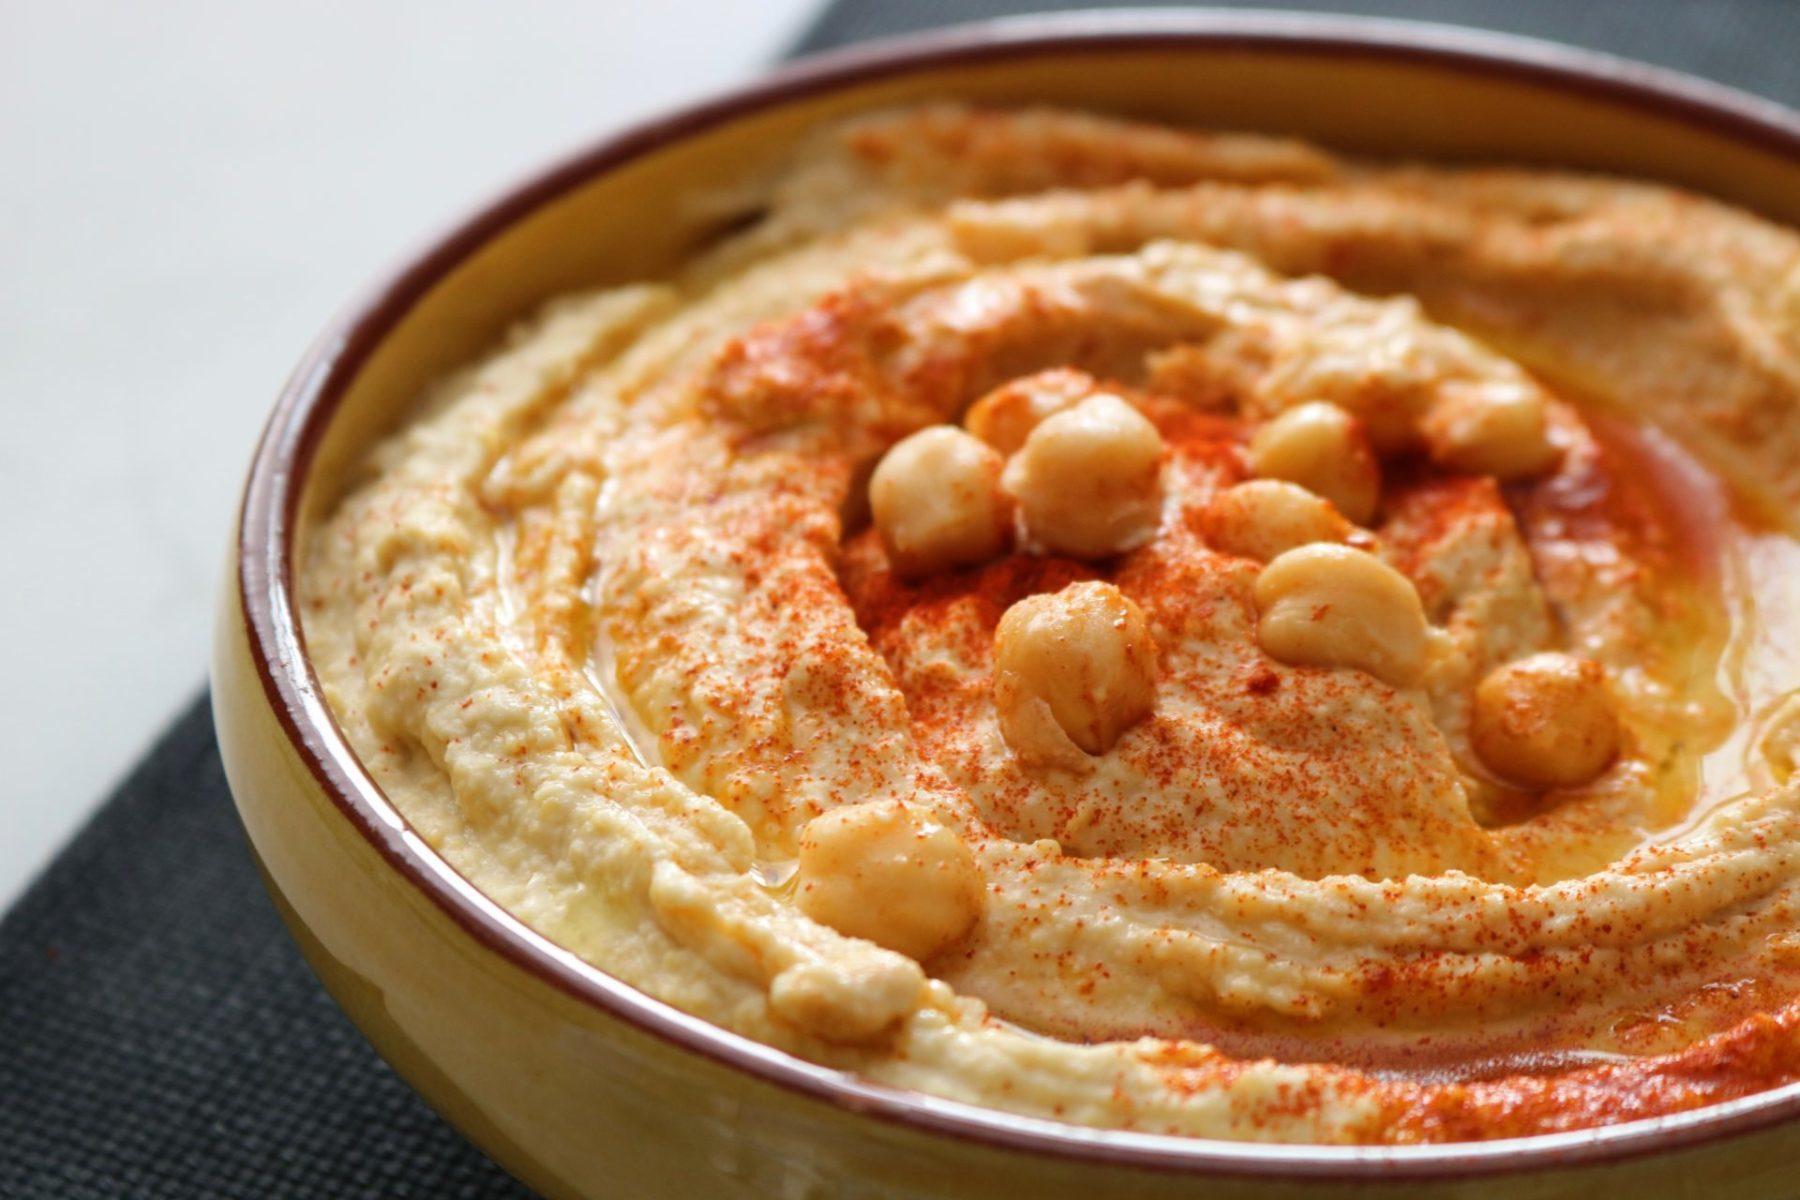 Recette facile de Houmous Libanais